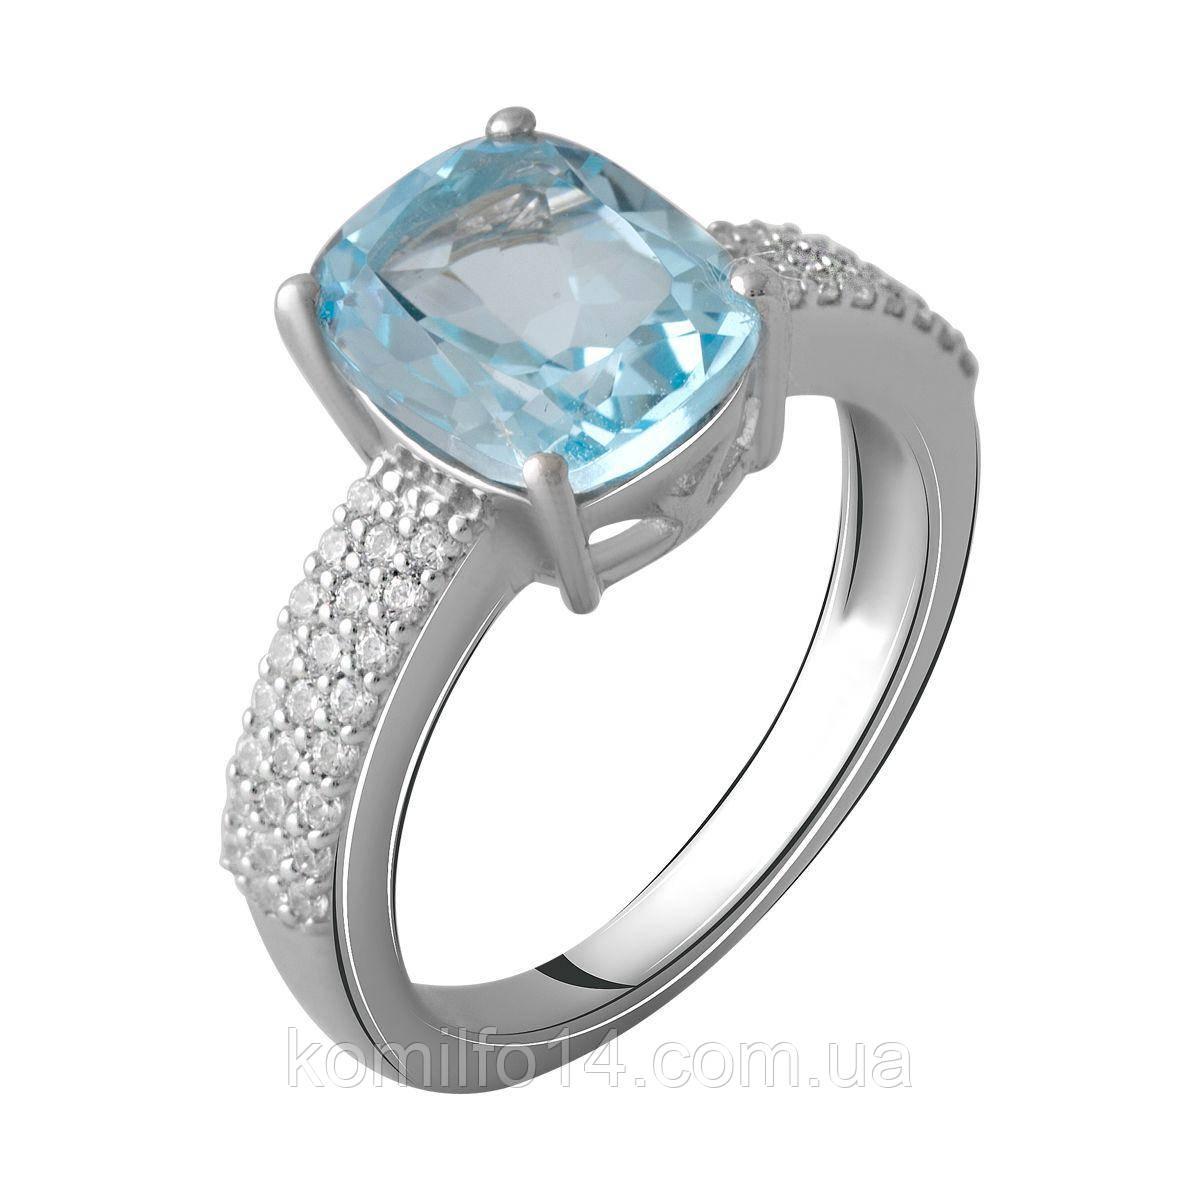 Серебряное кольцо с натуральным топазом